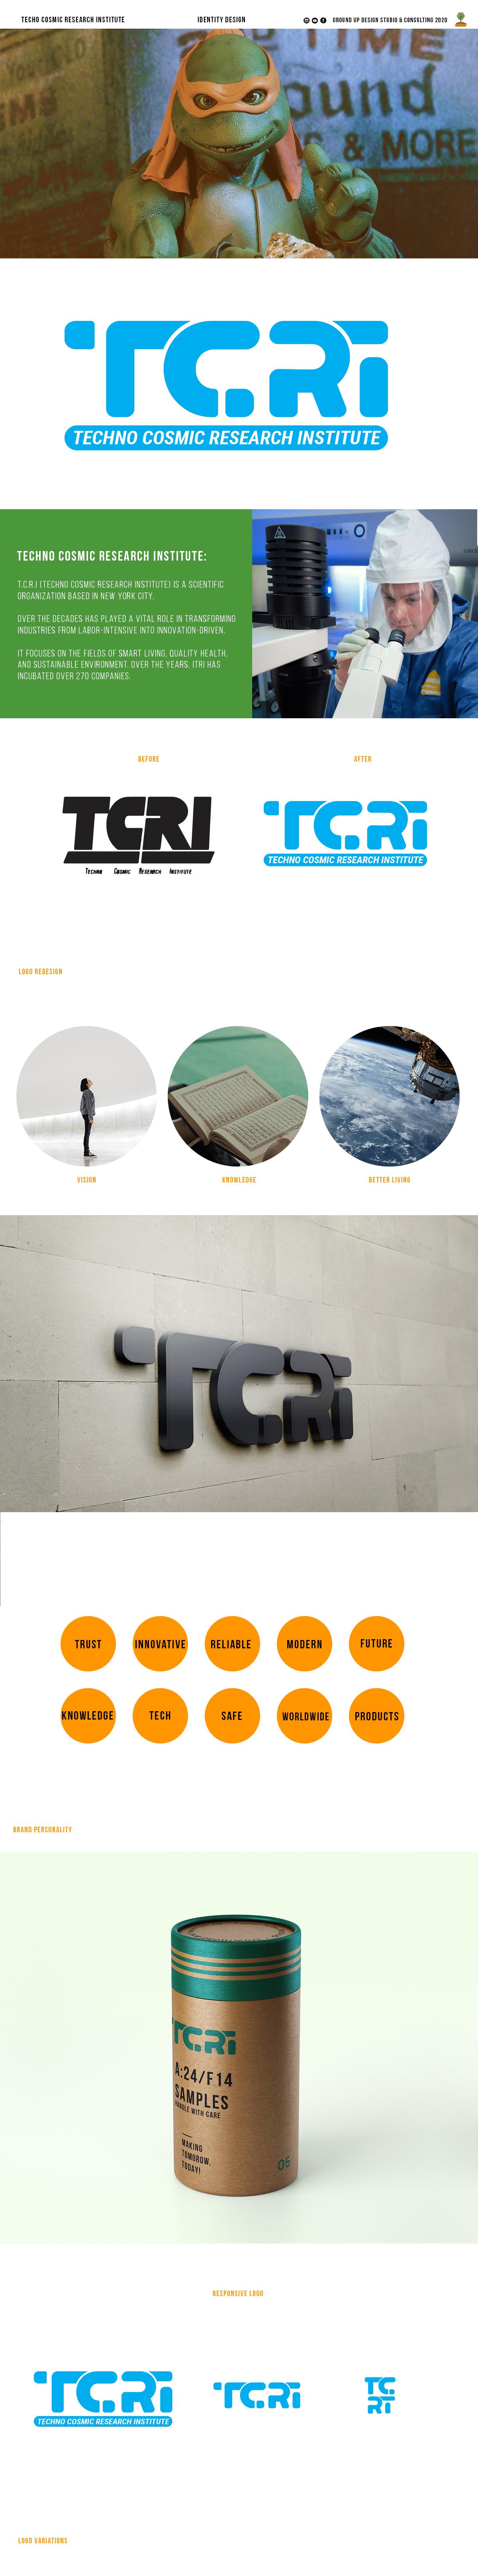 identity logo mkt redesign TMNT